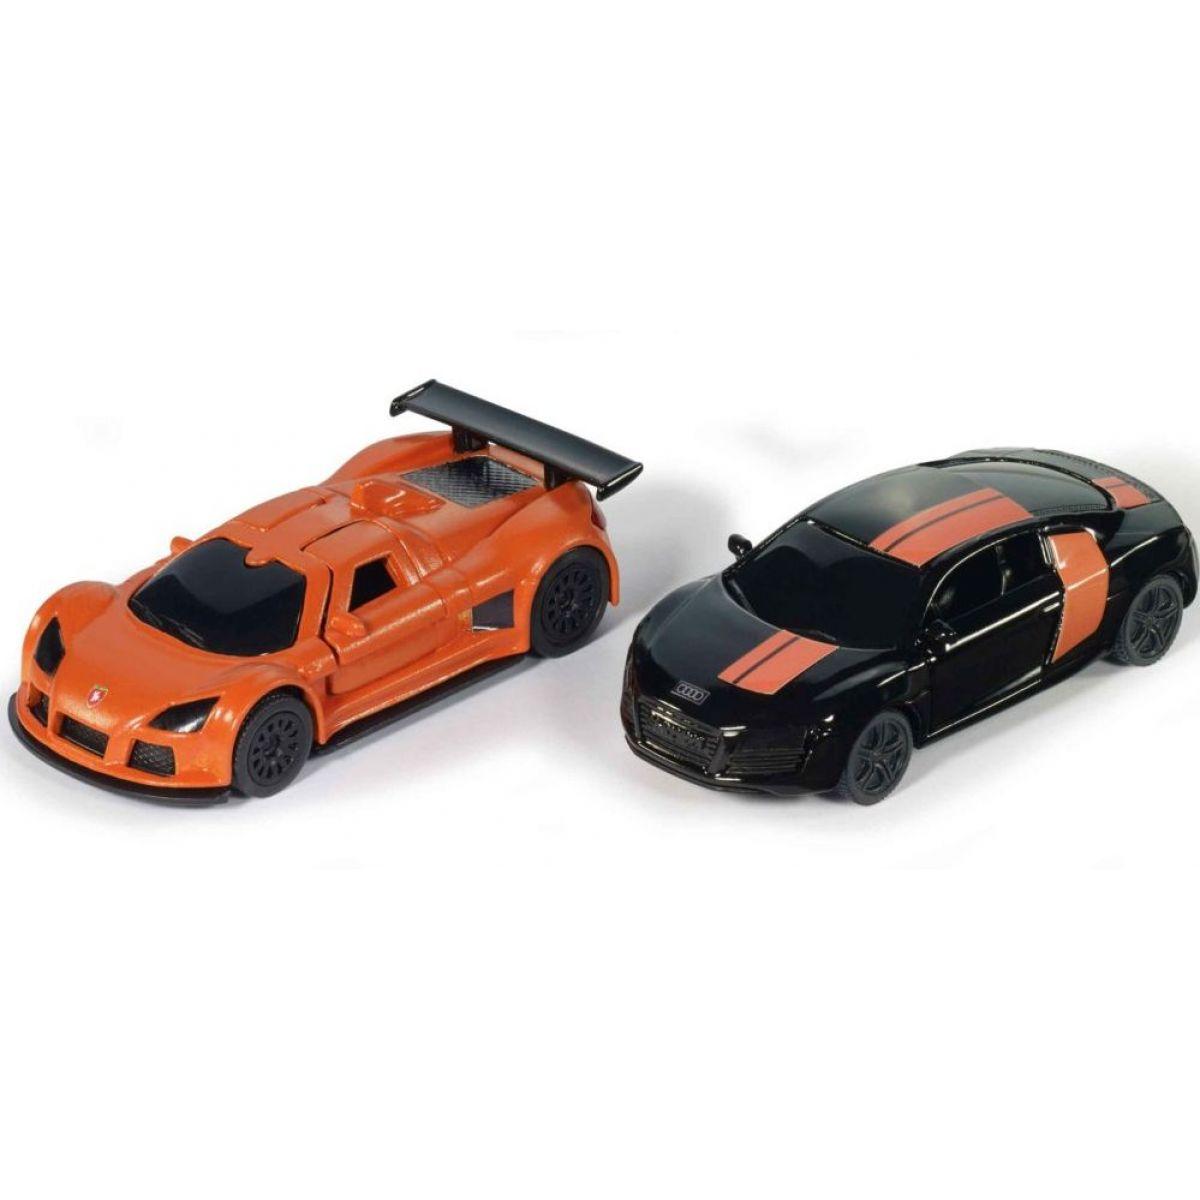 Siku blister 6310 čierno & oranžová Special Edition